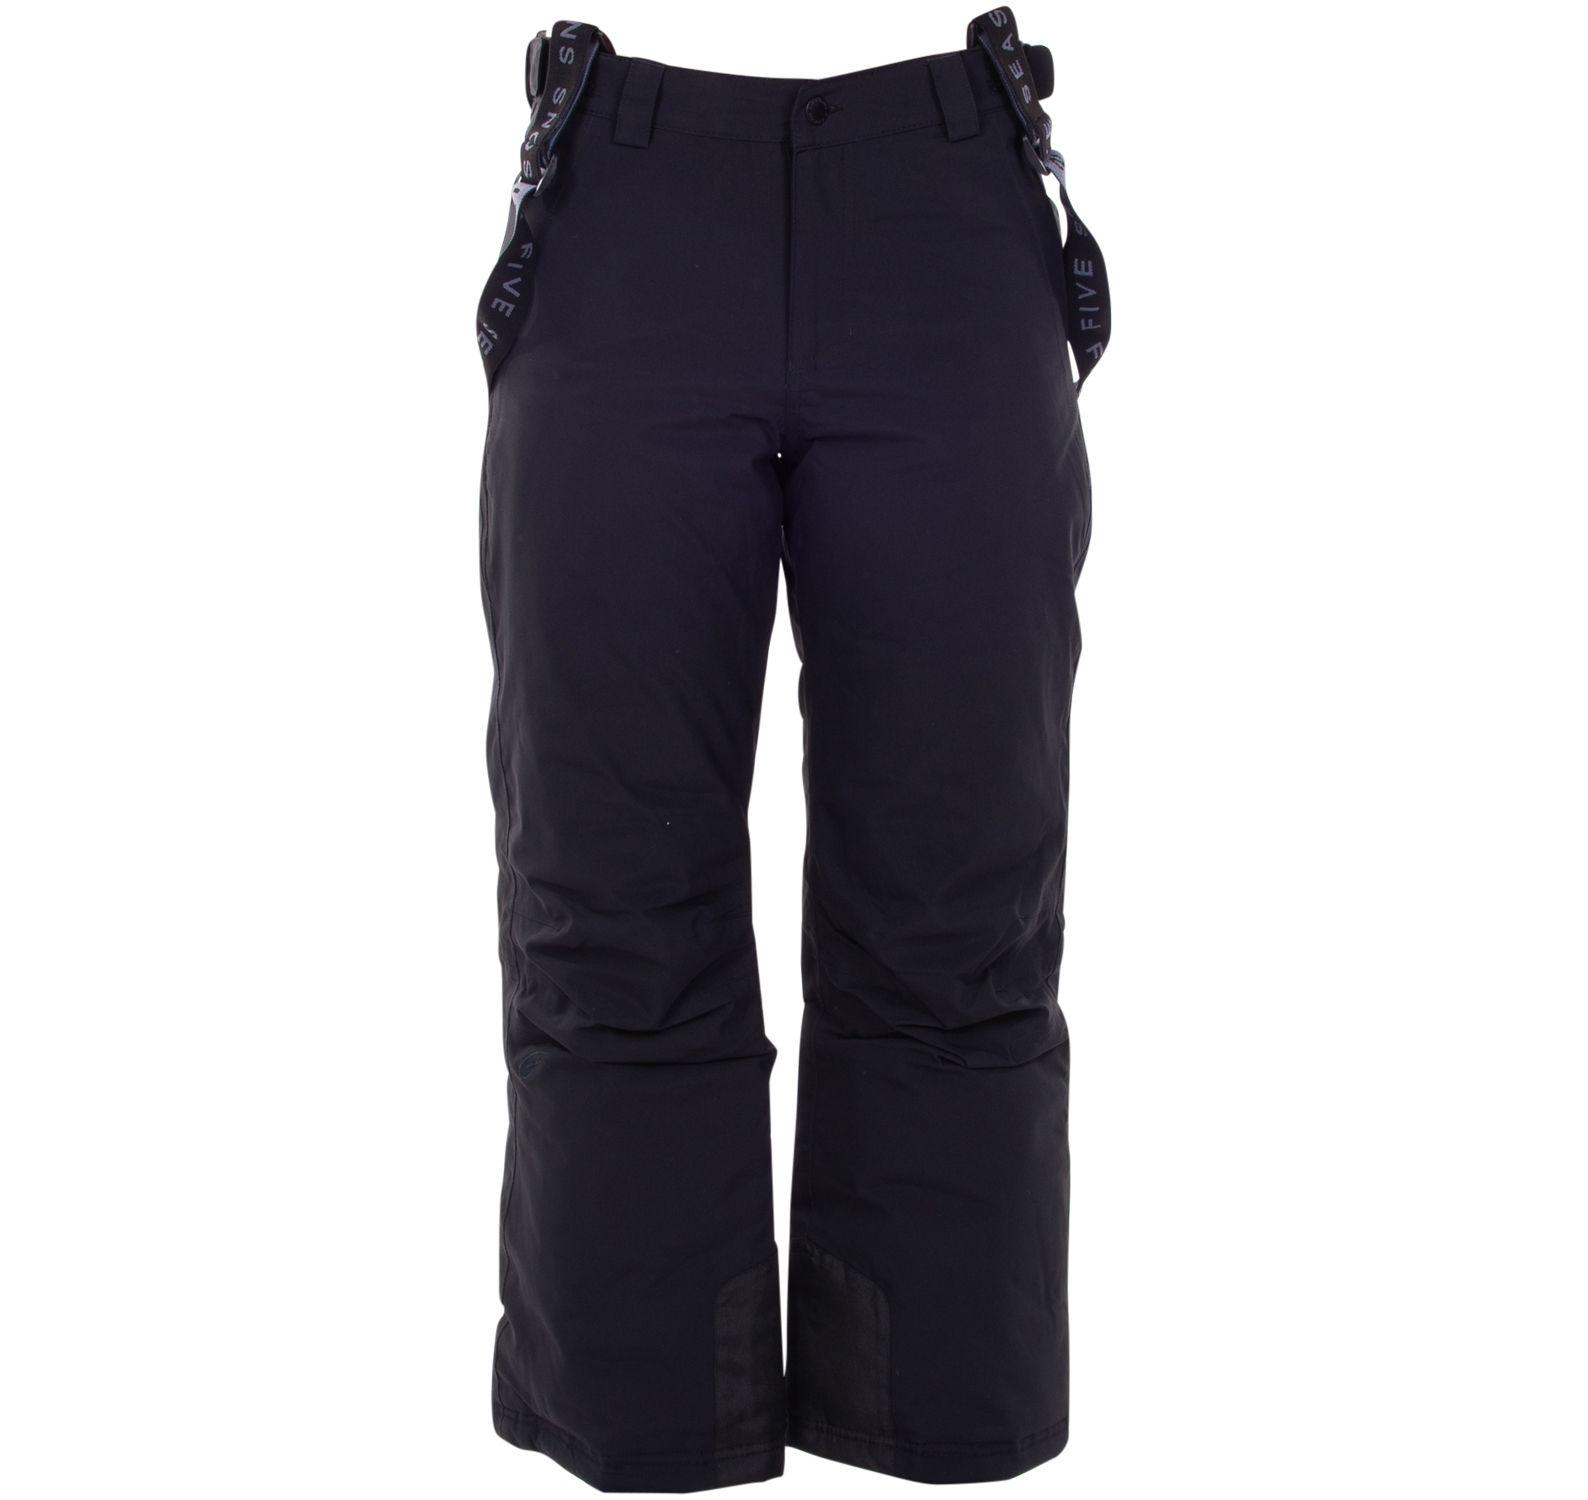 Evron Pnt Jr, Black, 110-116,  Skidkläder Från Five Seasons